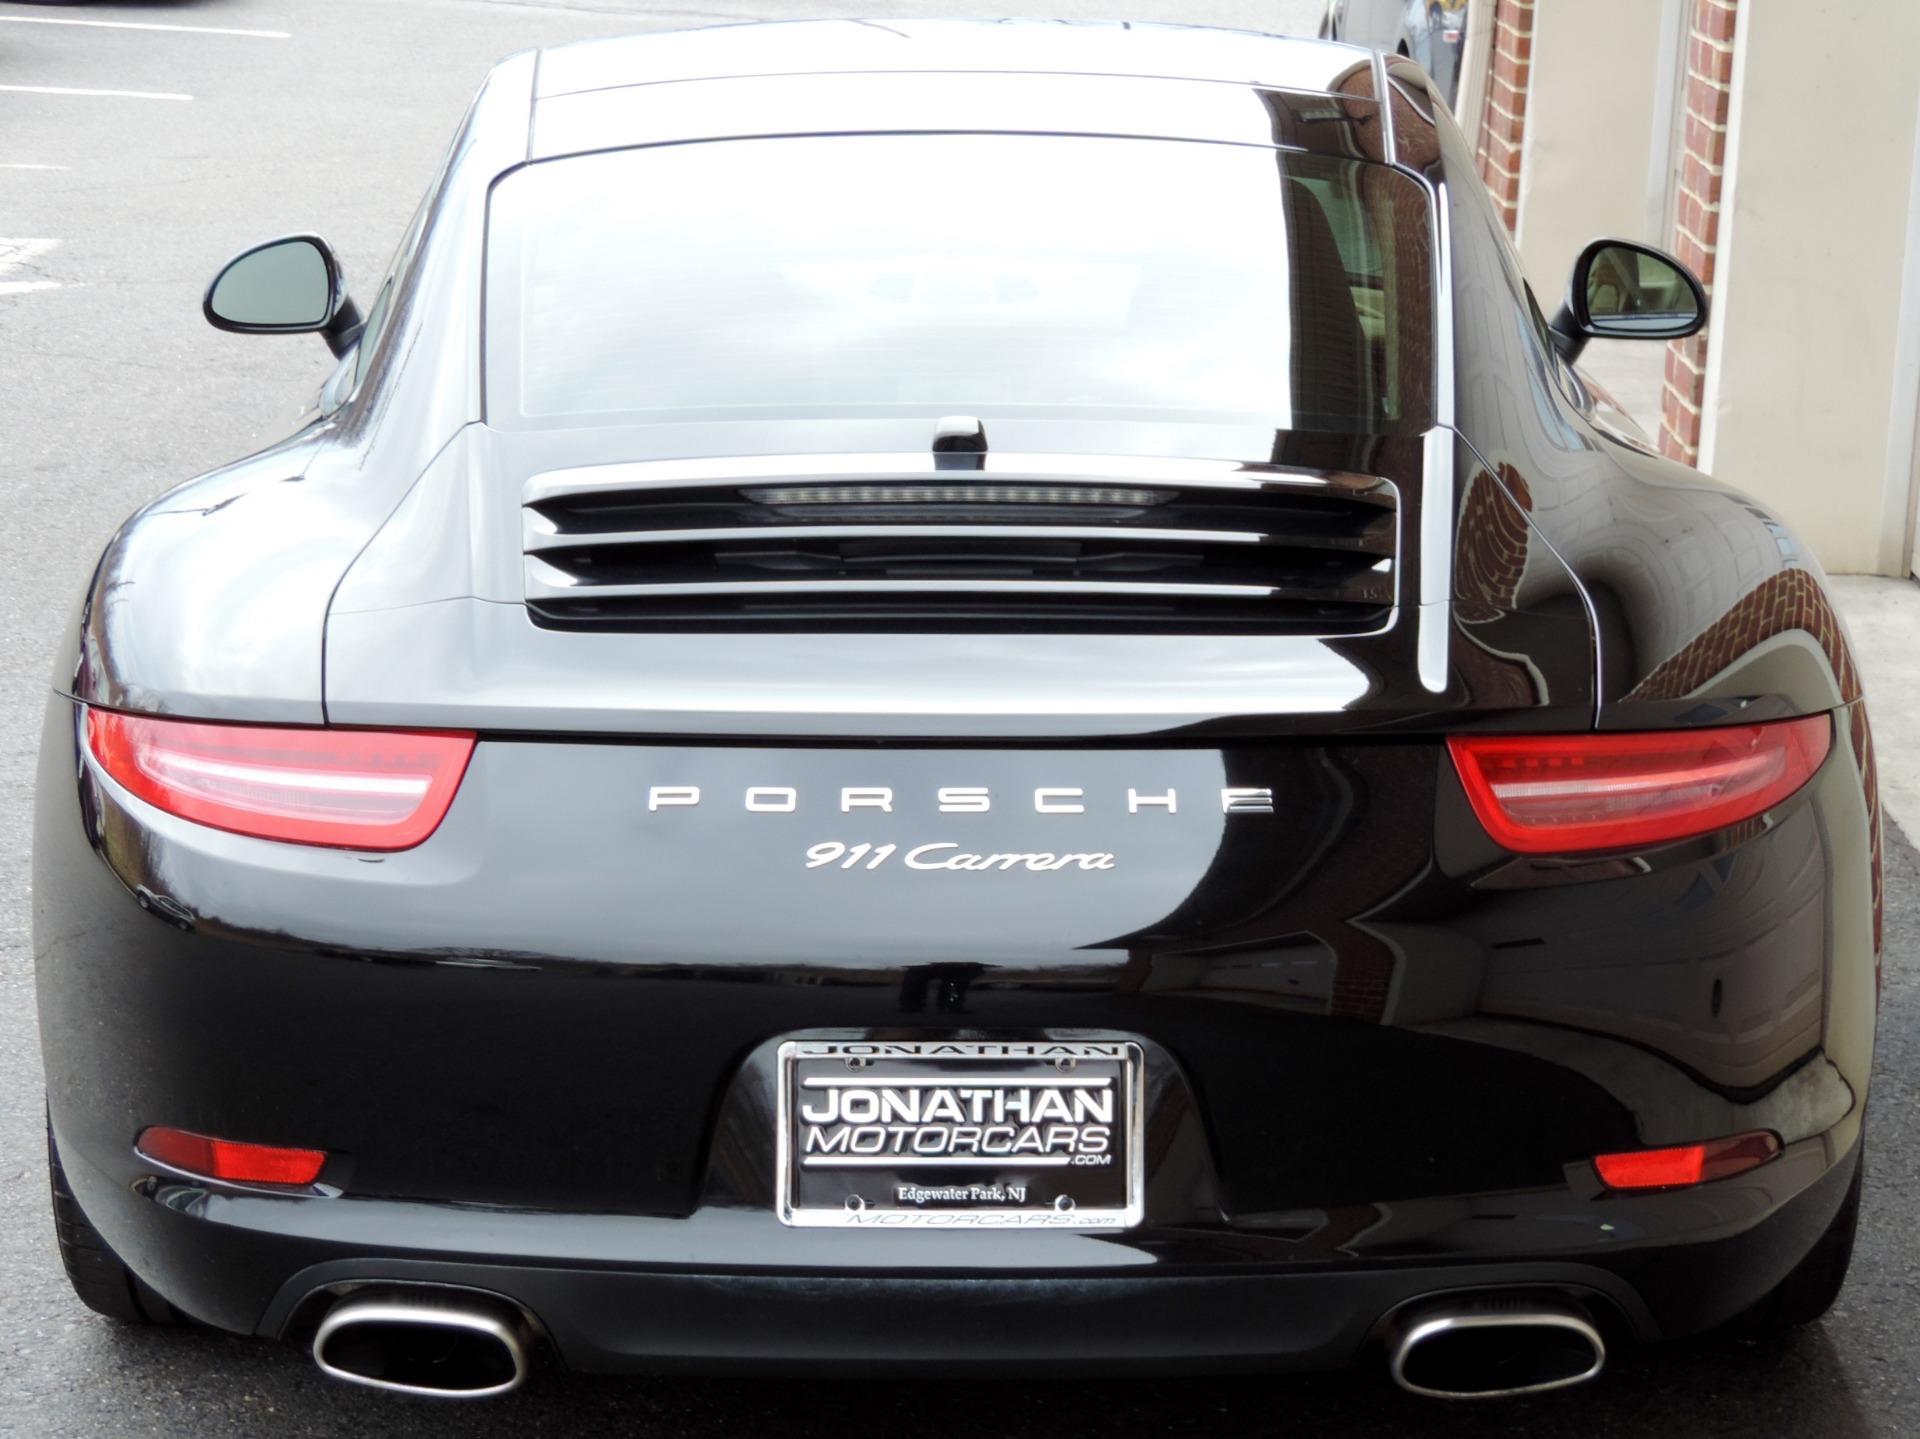 Used-2015-Porsche-911-Carrera